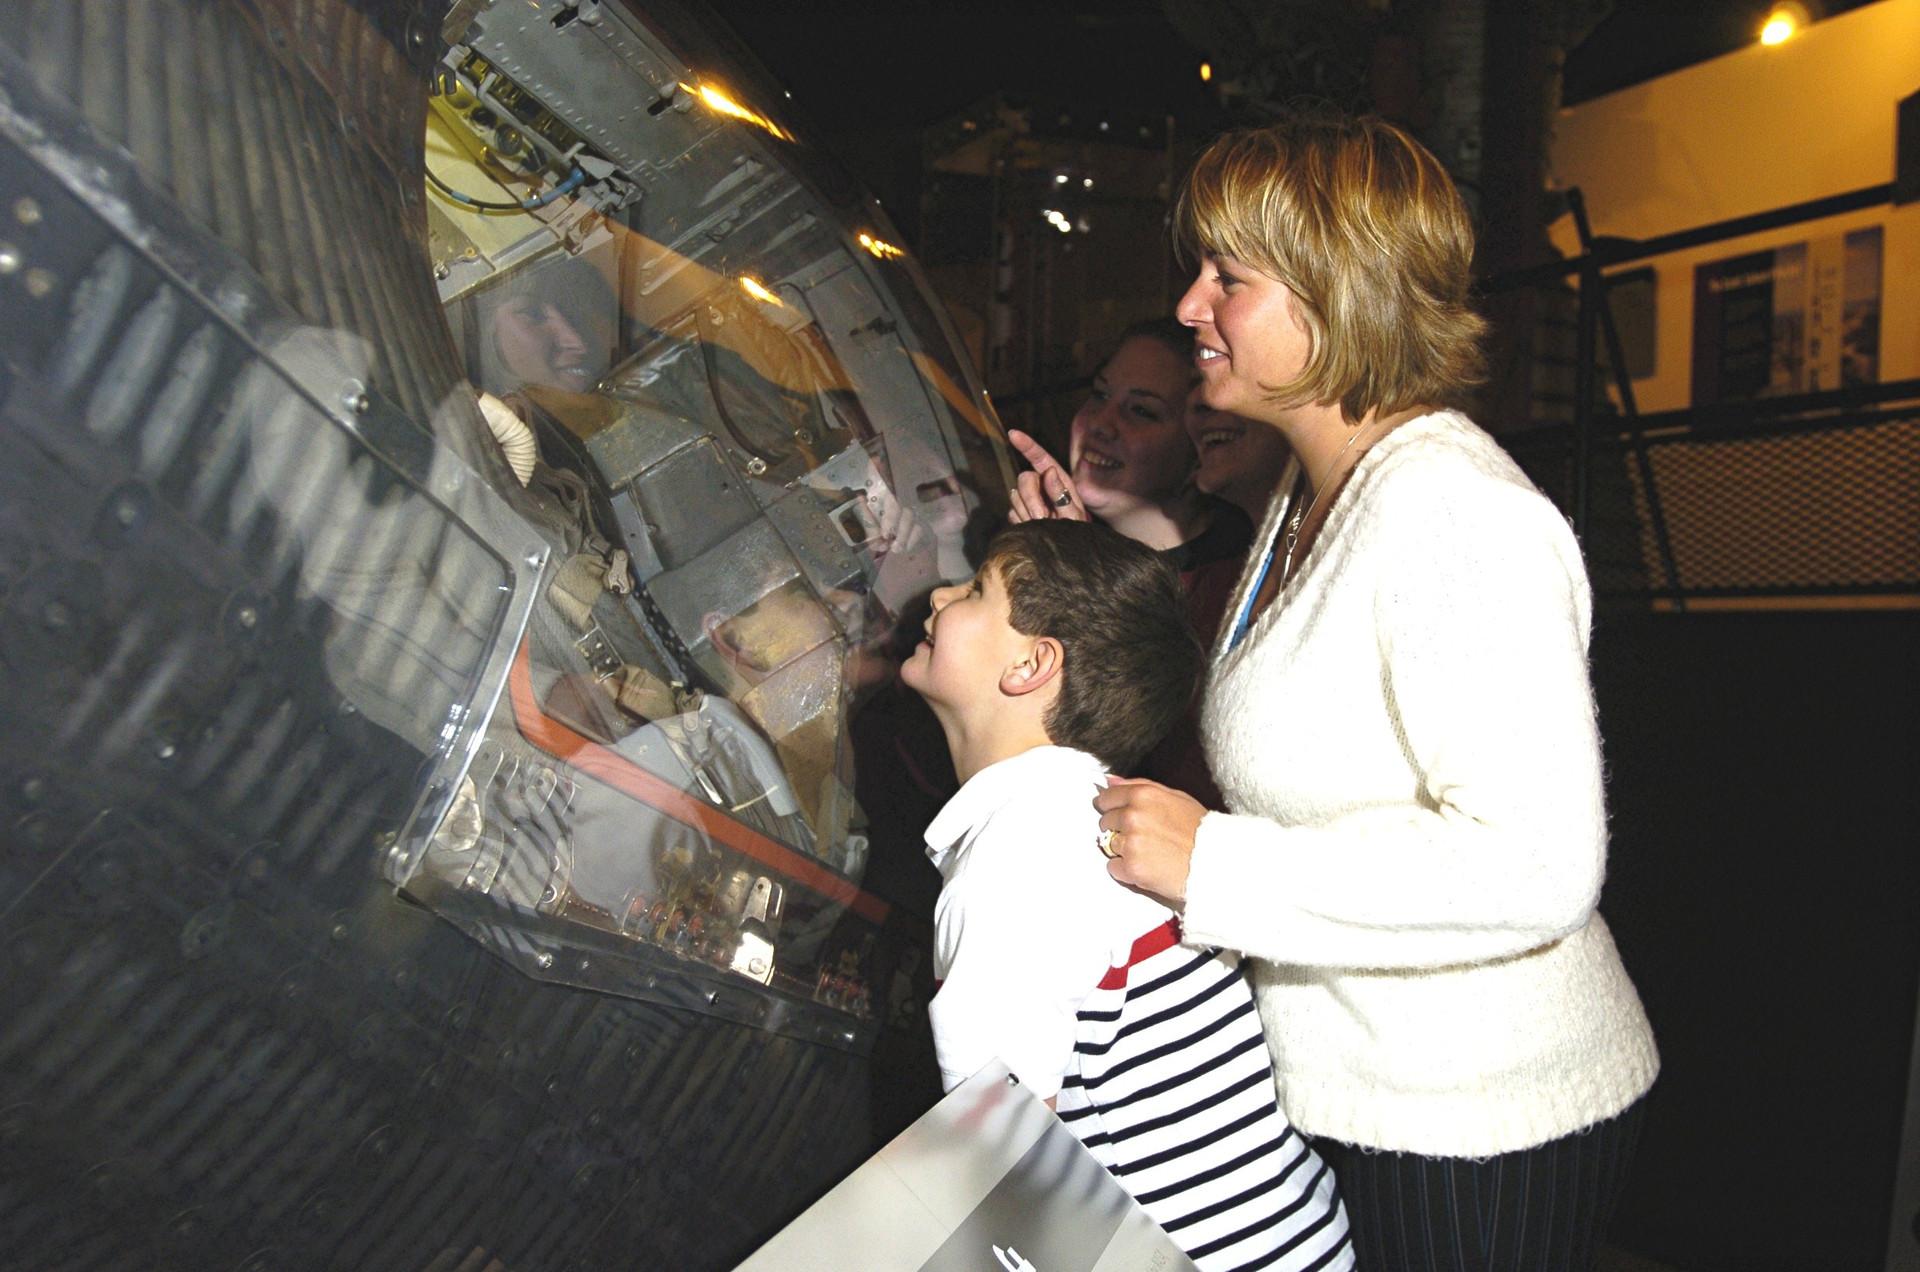 Viewing Gemini capsule